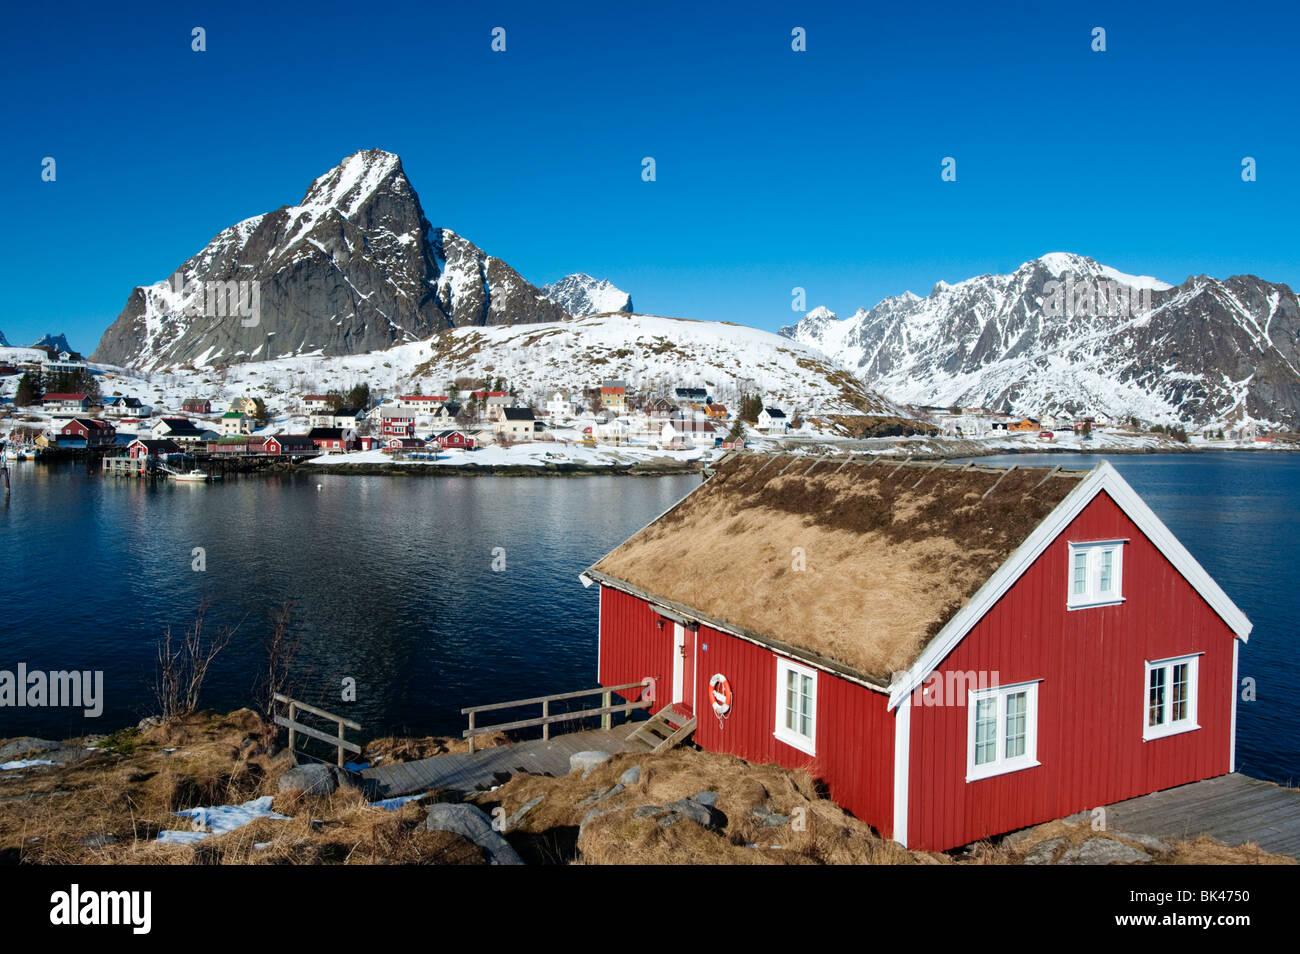 Las Islas Lofoten; madera roja tradicionales Rorbu Fisherman's hut en aldea de reine en Noruega Imagen De Stock